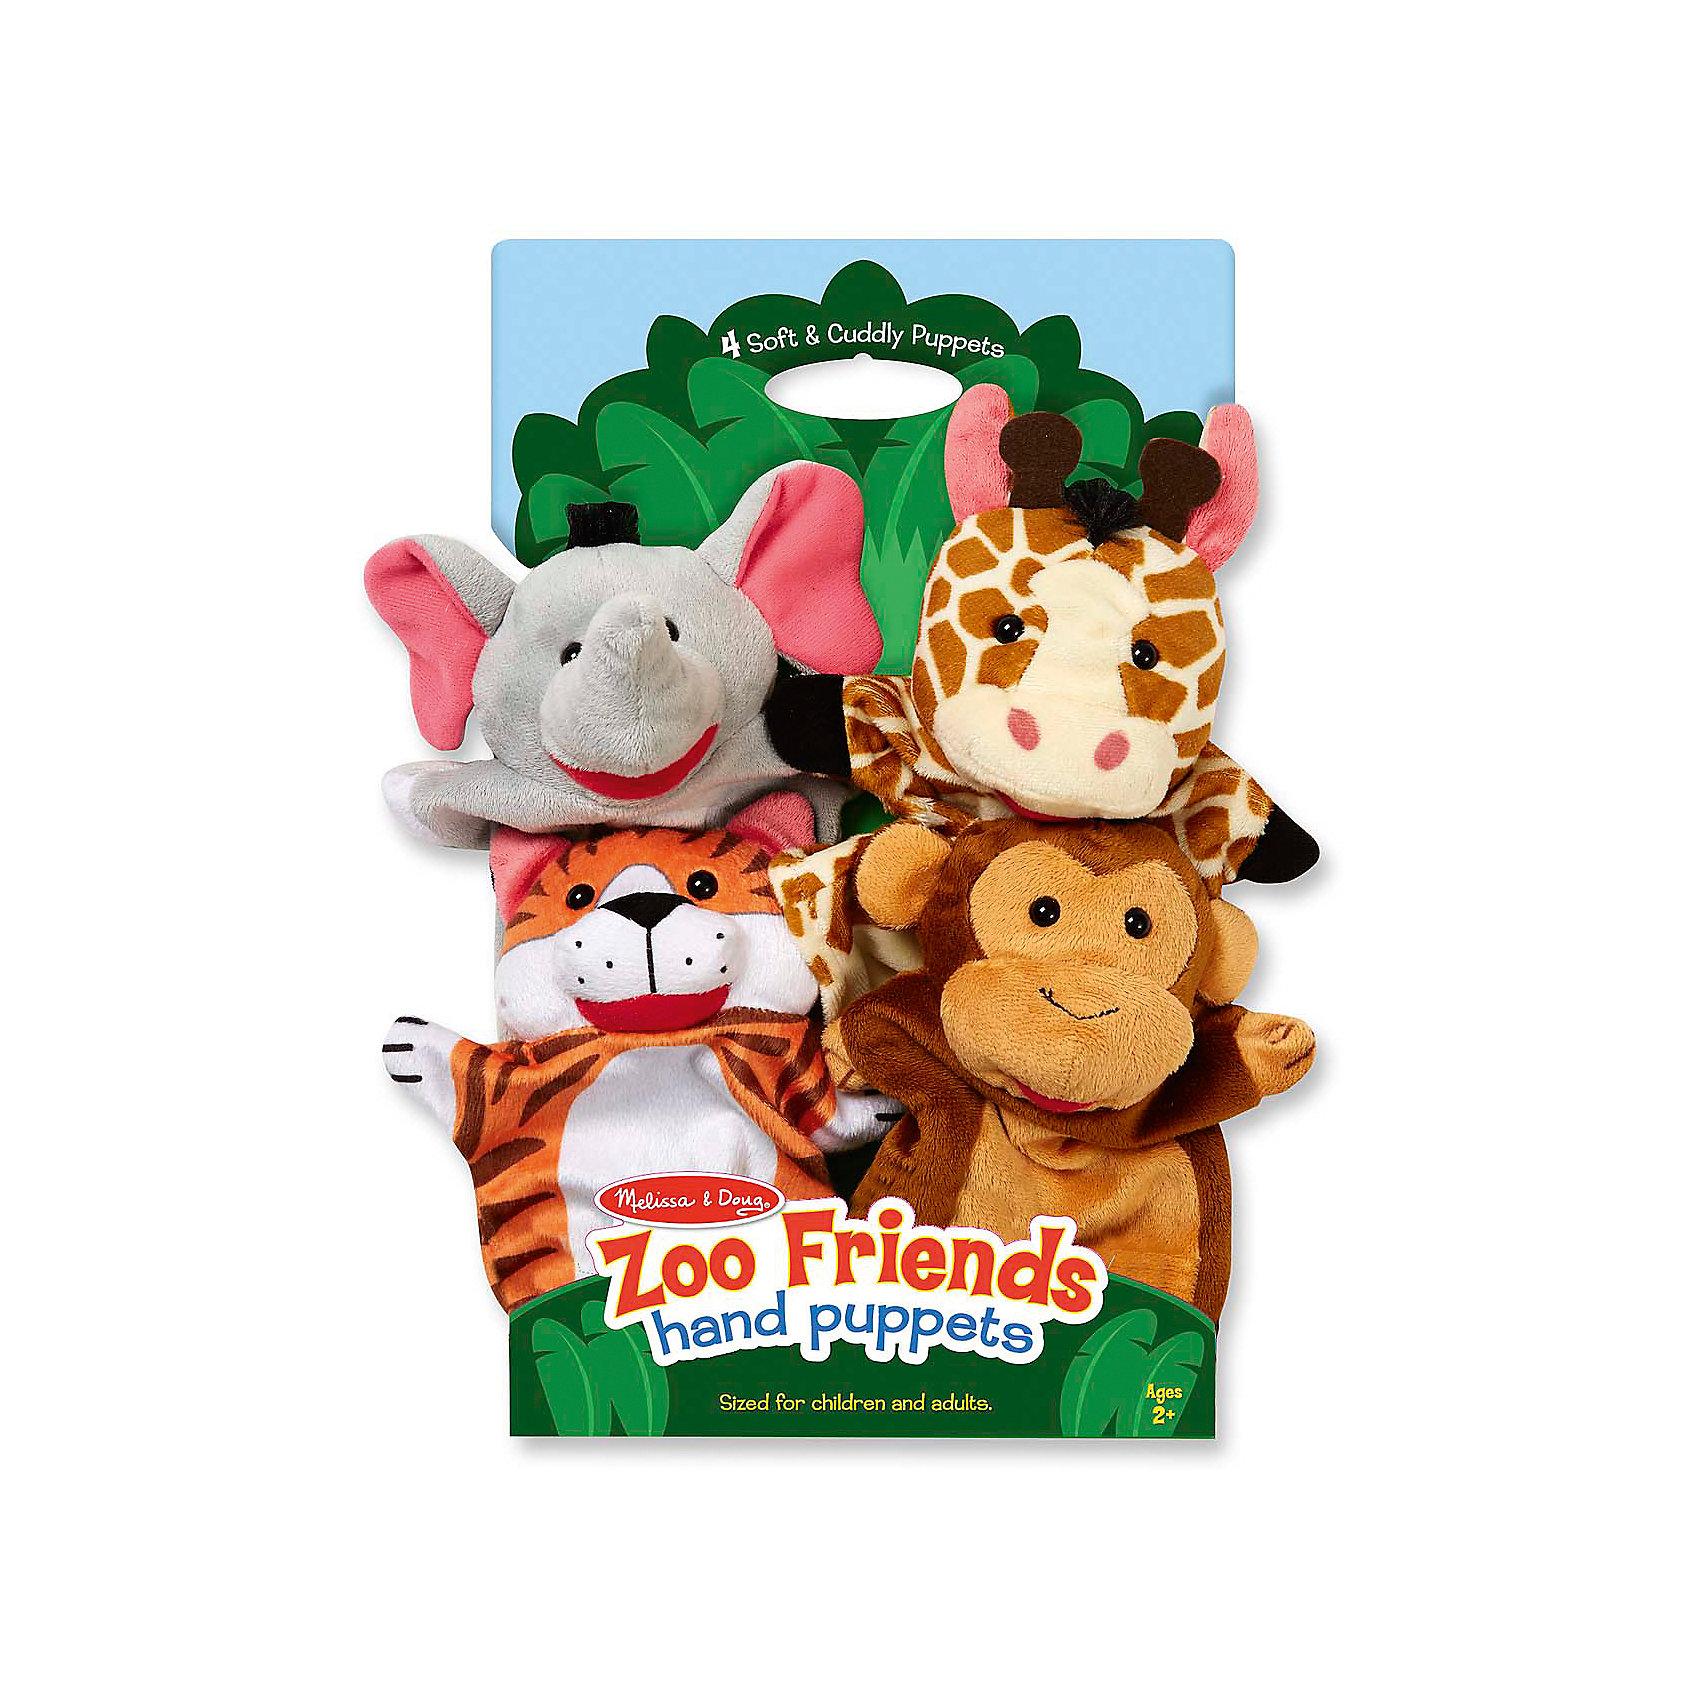 Плюшевые куклы на руку Зоопарк, Melissa &amp; DougМягкие игрушки на руку<br>Плюшевые куклы на руку Зоопарк, Melissa &amp; Doug<br><br>Характеристики:<br><br>• В набор входит: 4 игрушки<br>• Материал: плюш<br>• Размер упаковки: 37 * 7 * 22 см.<br>• Состав: плотный картон<br>• Вес: 250 г.<br>• Для детей в возрасте: от 2 до 6 лет<br>• Страна производитель: Китай<br><br>В набор входит четверо милых зверей: тигр, обезьянка, жираф и слон. Игрушки идеально подойдут для ролевых игр и домашнего театра. Тема животных делает игры очень простыми, в ходе которых дети пополнят свой словарный запас новыми совами и весело проведут время в кругу семьи. Игрушки можно стирать в стиральной машине и они прослужат долгие годы, благодаря надежным материалам и высокому качеству. <br><br>Плюшевые куклы на руку Зоопарк, Melissa &amp; Doug можно купить в нашем интернет-магазине.<br><br>Ширина мм: 220<br>Глубина мм: 70<br>Высота мм: 370<br>Вес г: 250<br>Возраст от месяцев: 24<br>Возраст до месяцев: 2147483647<br>Пол: Унисекс<br>Возраст: Детский<br>SKU: 5451049